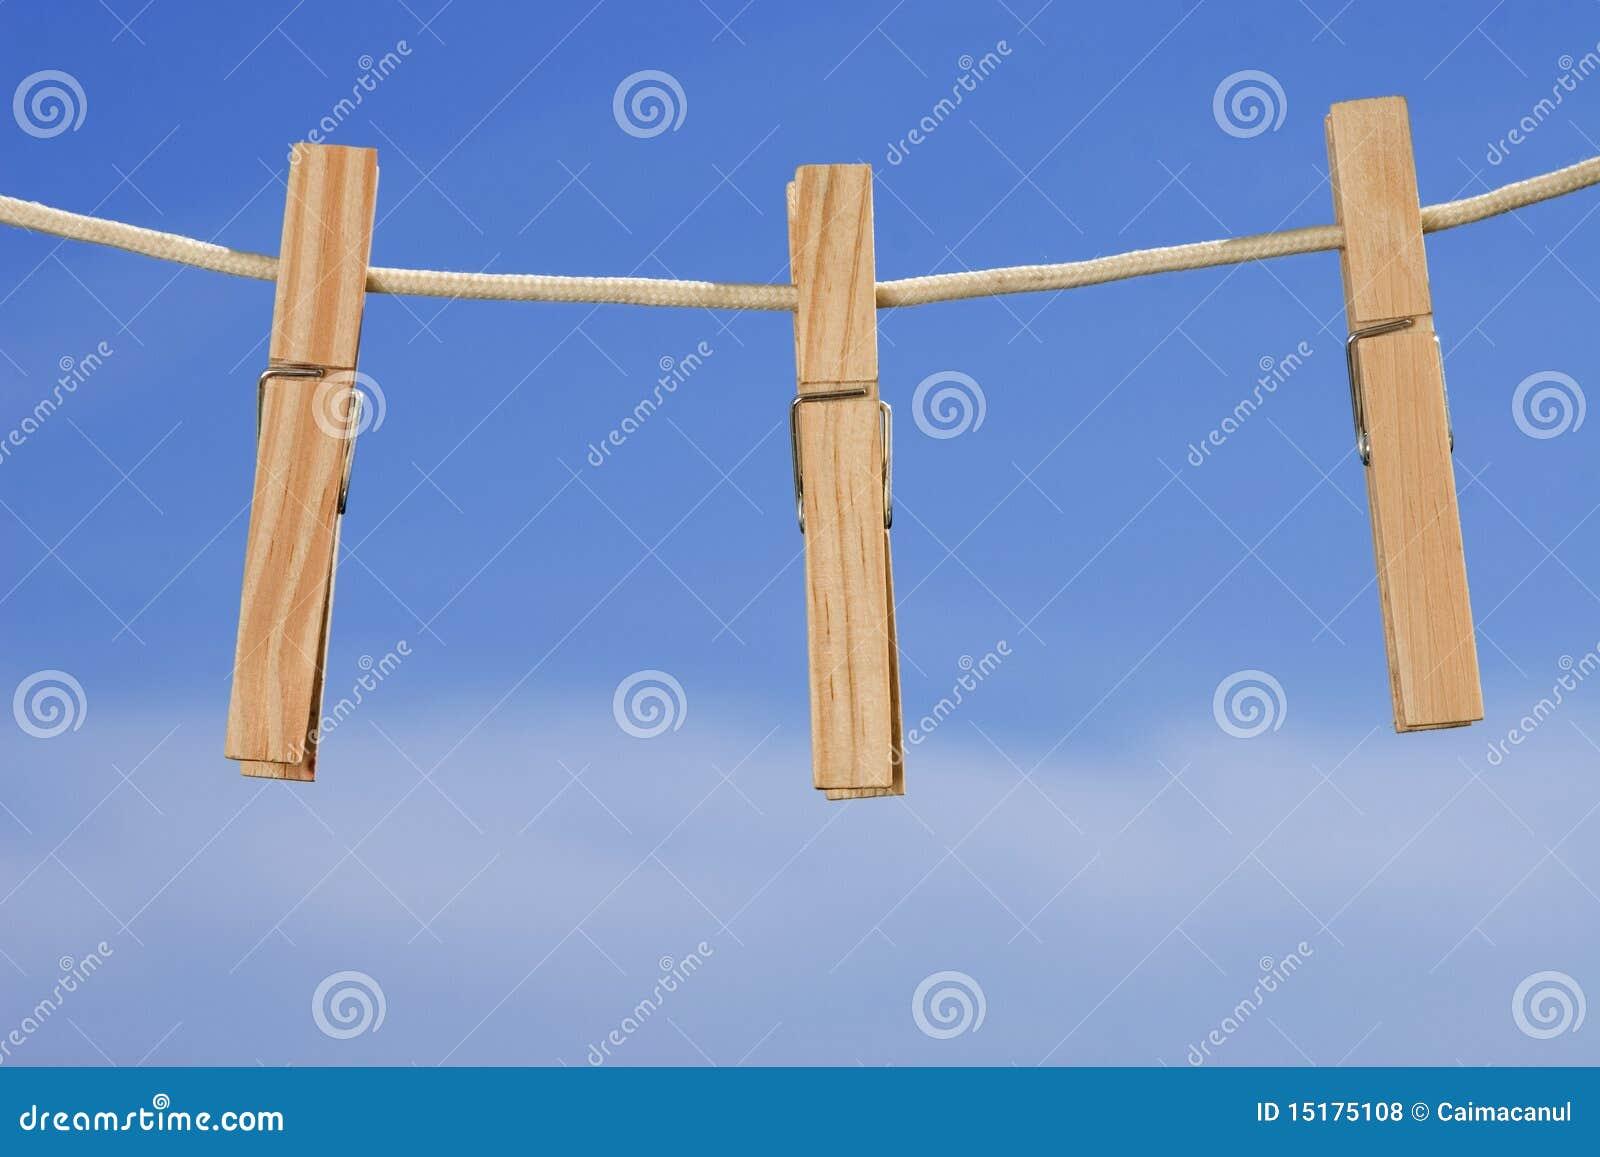 Cuerda para tender la ropa y clavijas en fondo del cielo - Magor tendederos ...